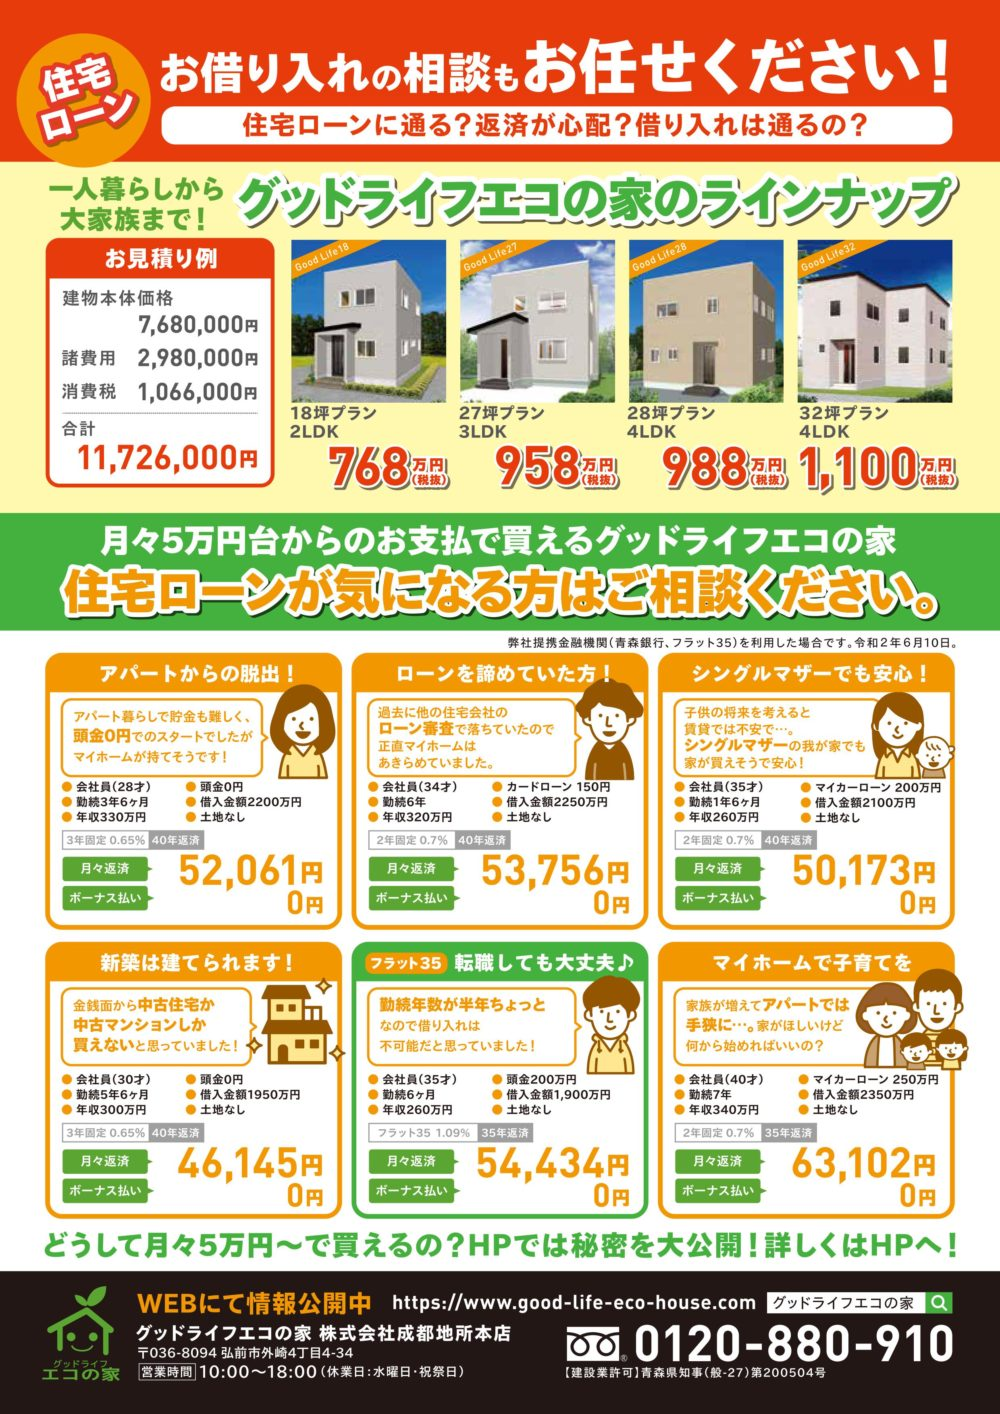 平川市松崎展示場-8月見学会|グッドライフエコの家